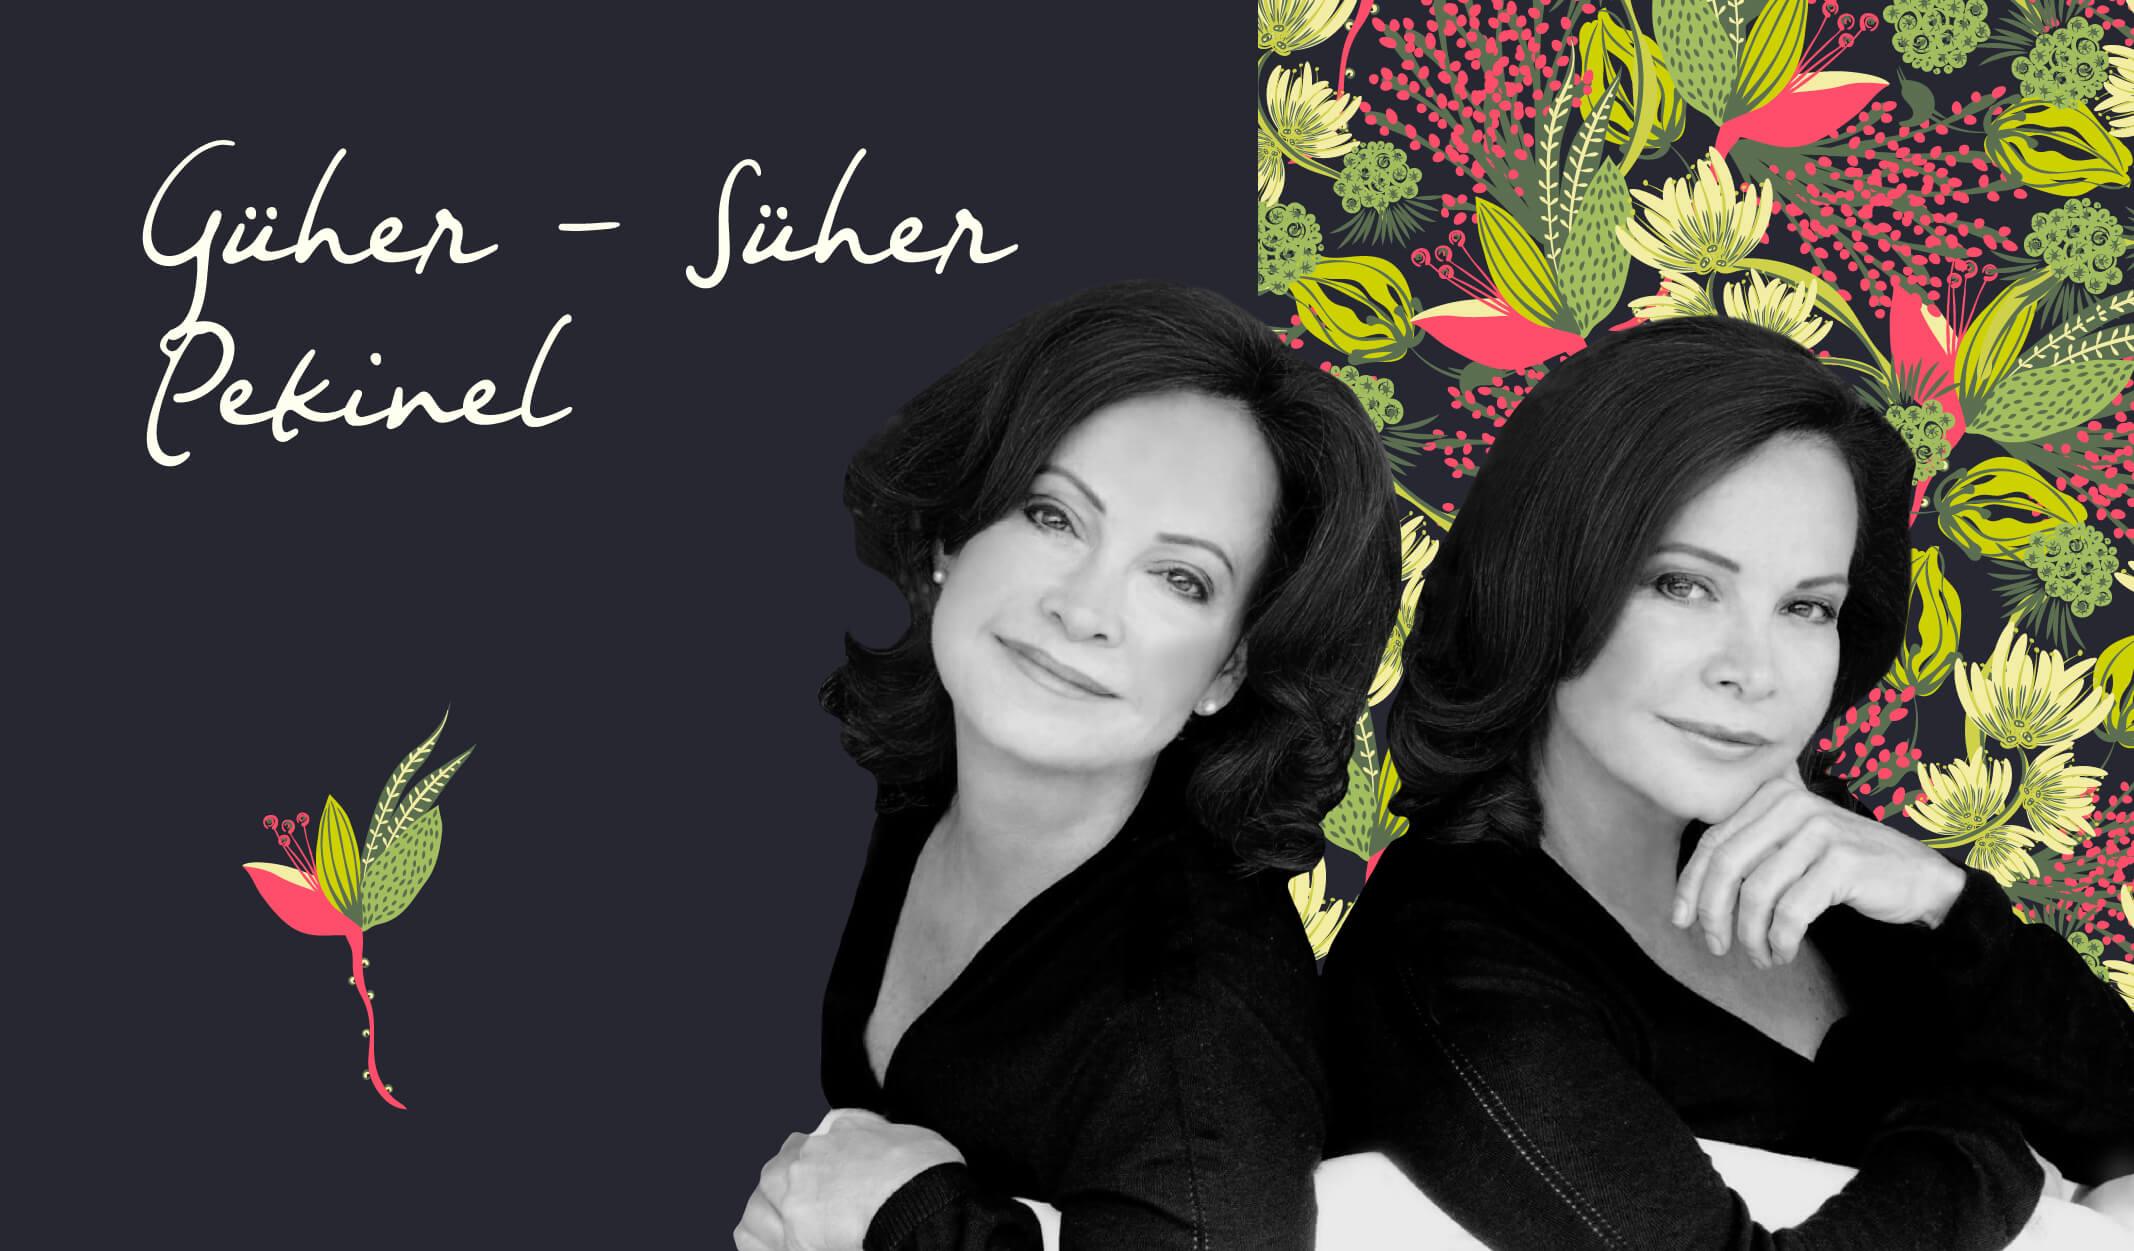 türk klasik müzik sanatçıları